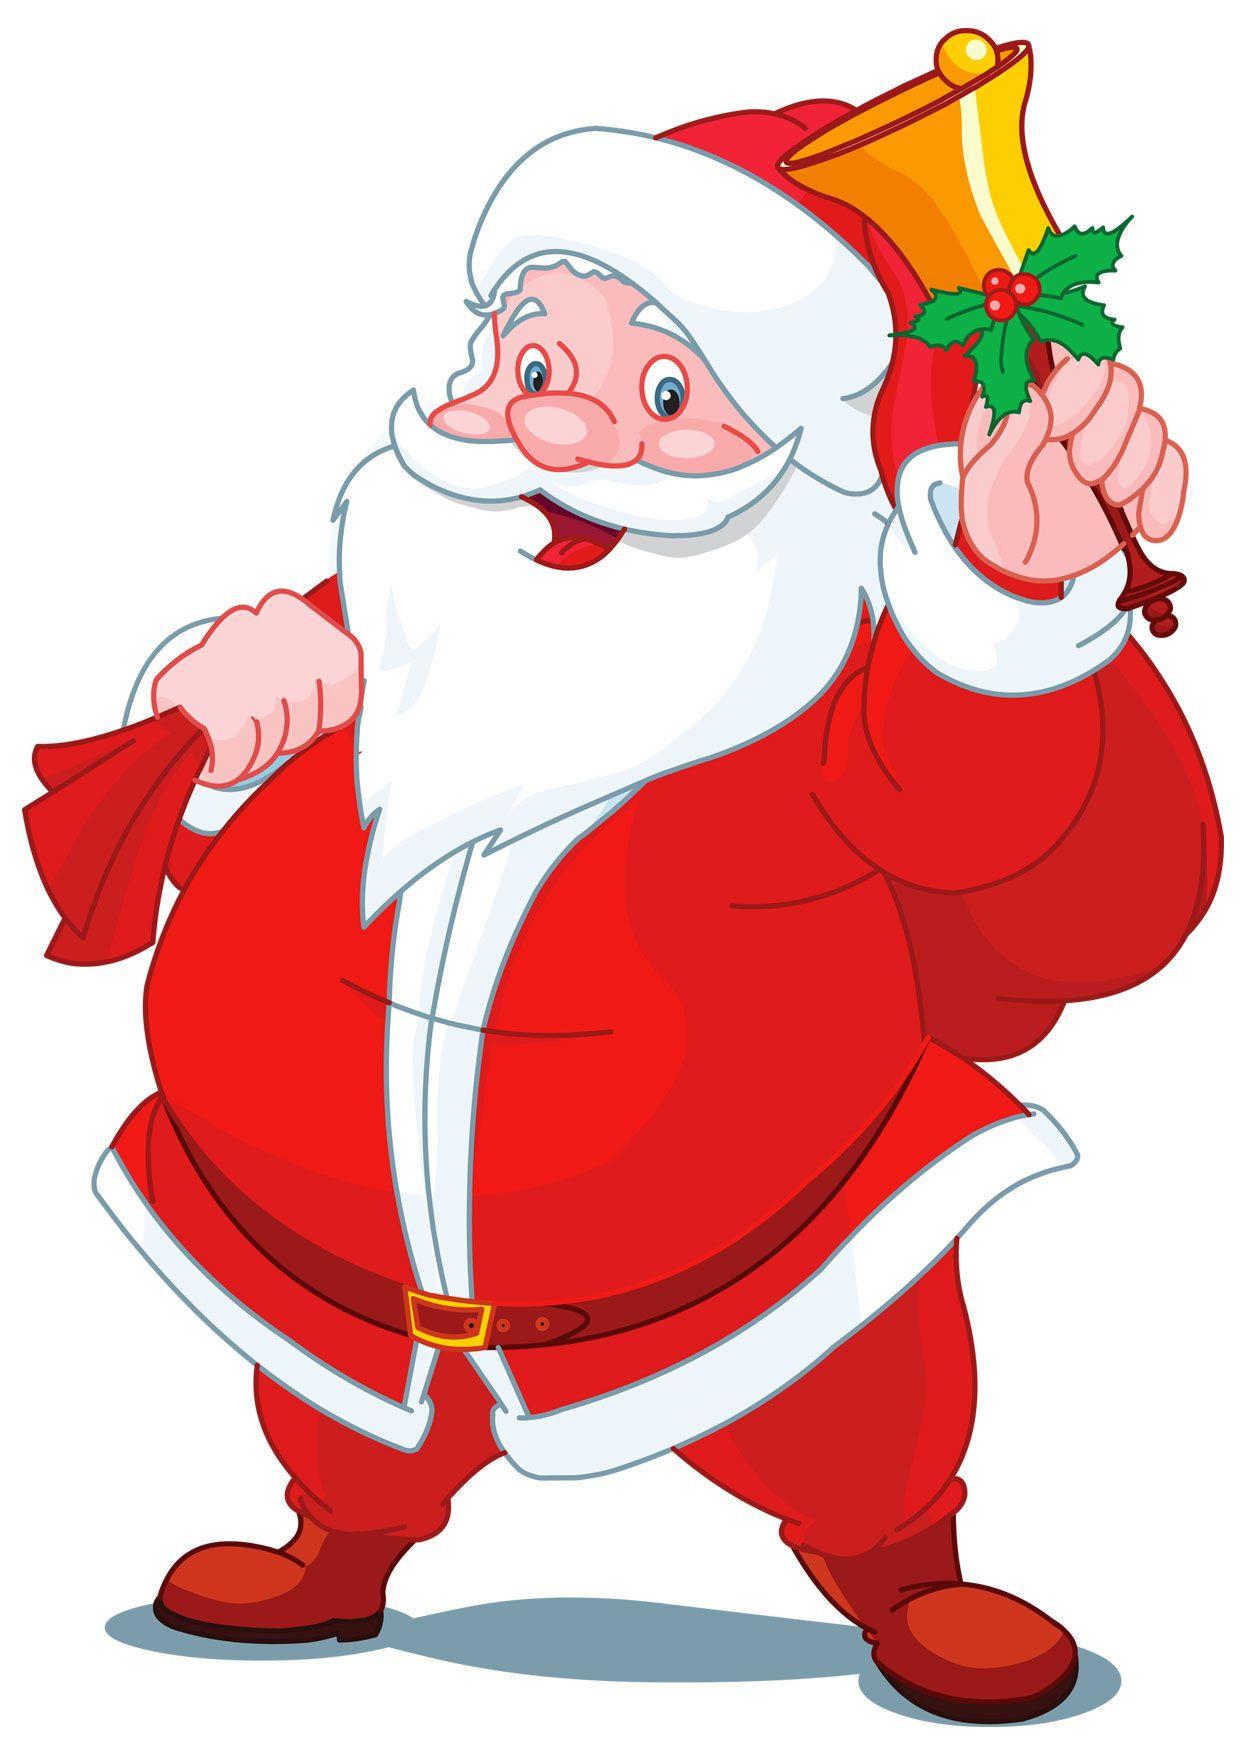 Immagini Di Natale Da Stampare Gia Colorate.30 Disegni Di Babbo Natale Gia Colorati Da Stampare Babbo